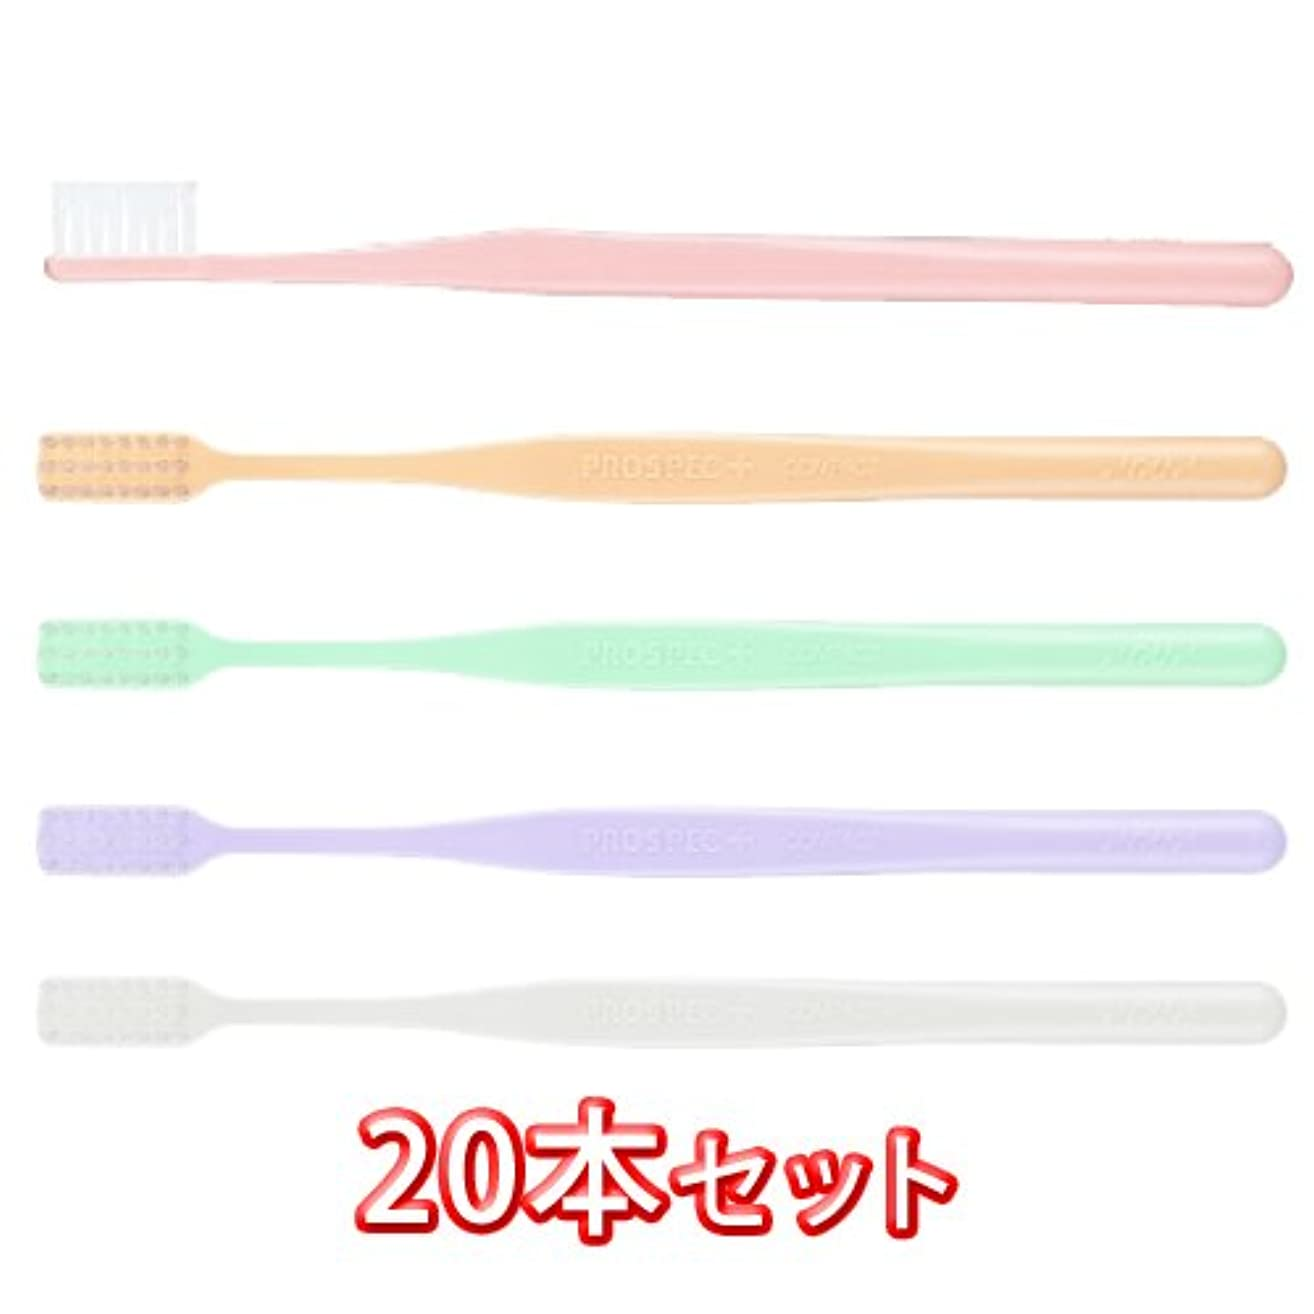 延期するおかしい哲学博士プロスペック 歯ブラシ プラス コンパクト 20本入 (S(やわらかめ))